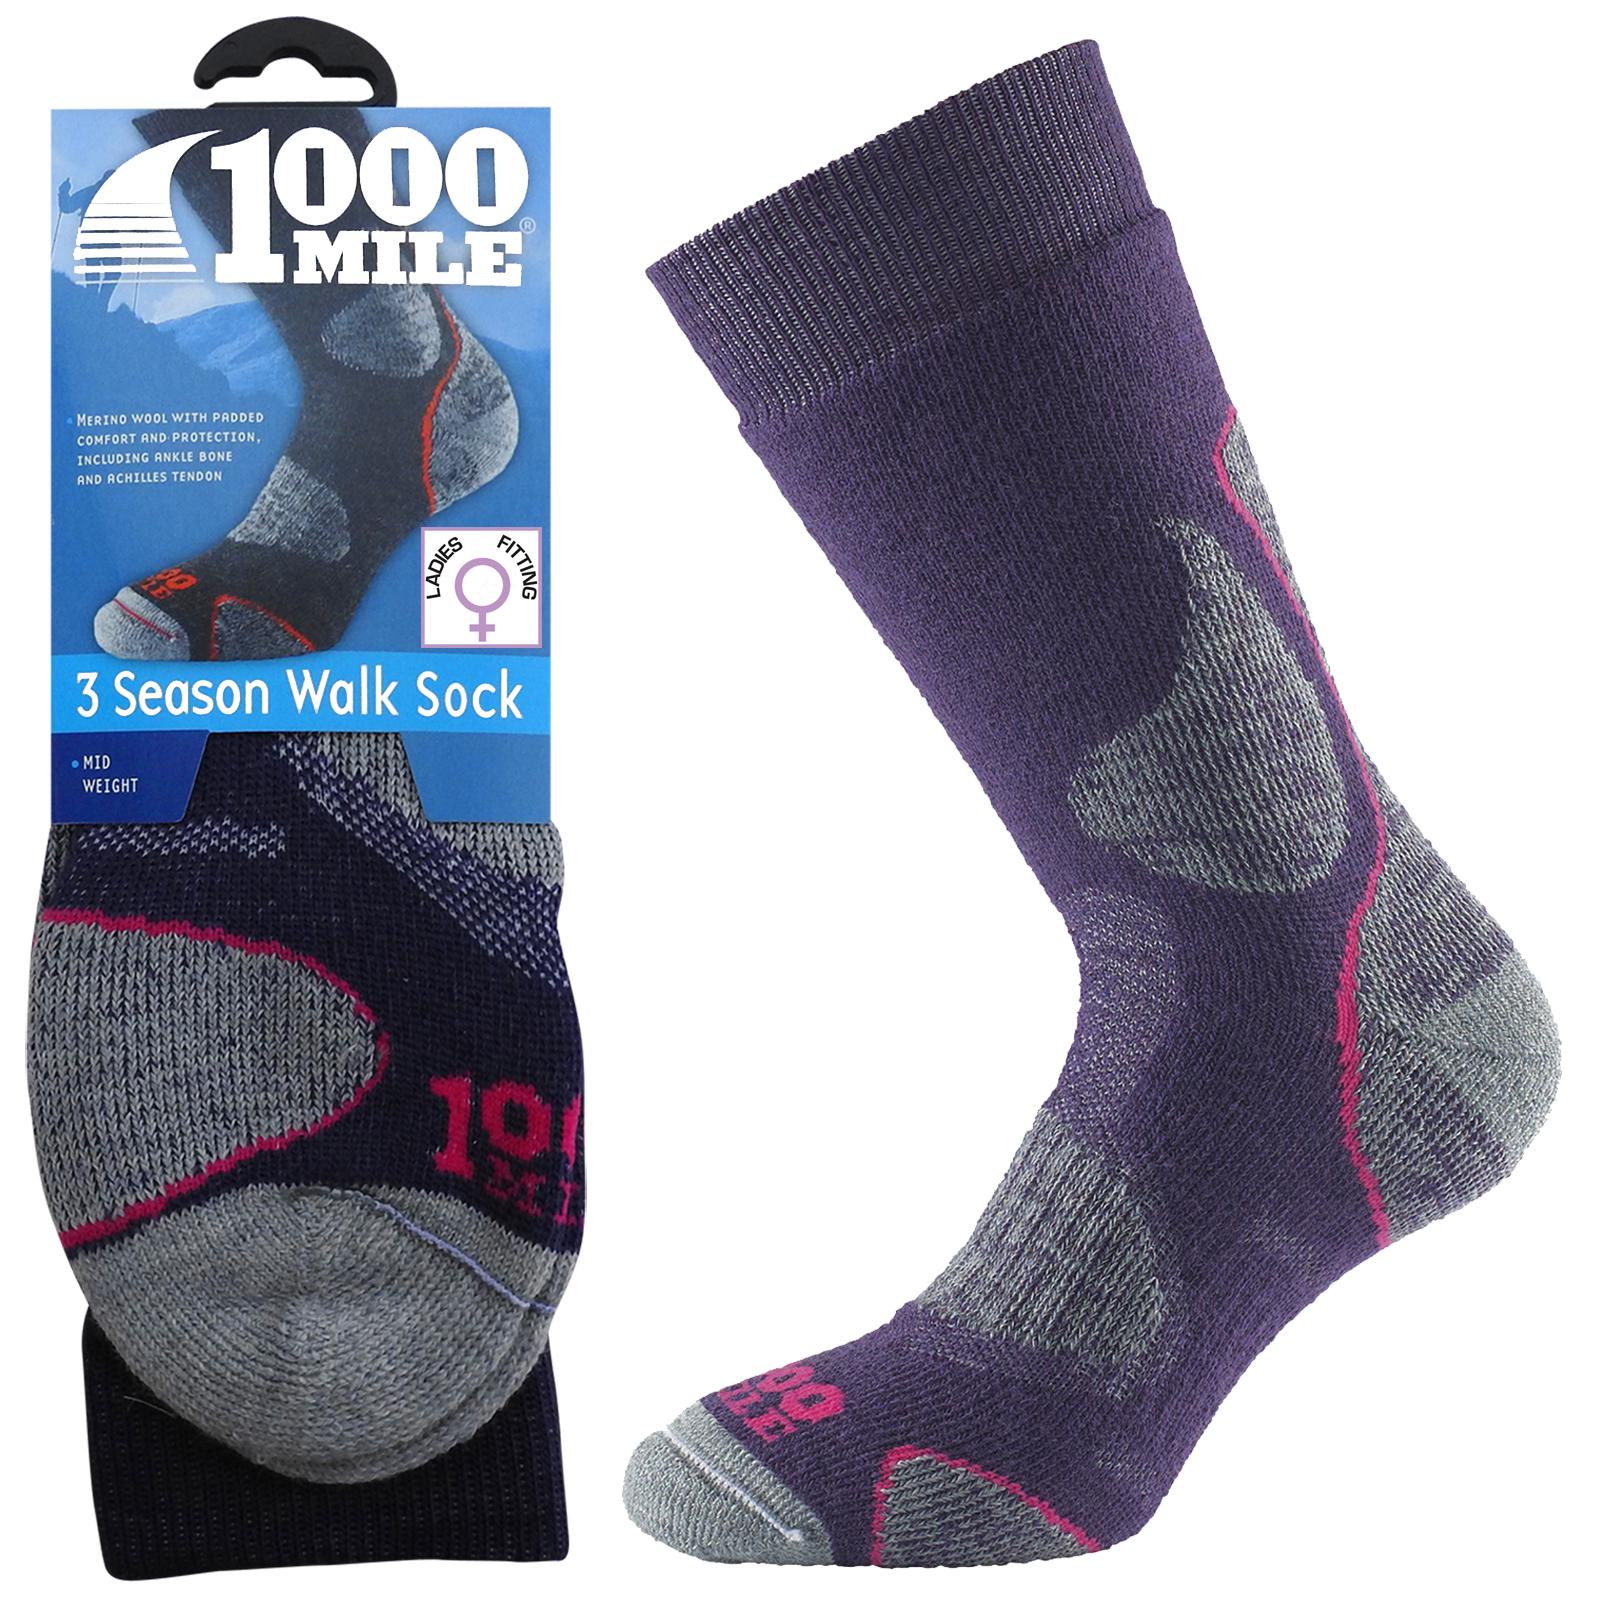 Sentinel 1000 Mile 3 Season Ladies Womens Winter Hiking Walking Comfort  Merino Wool Socks be7debd579